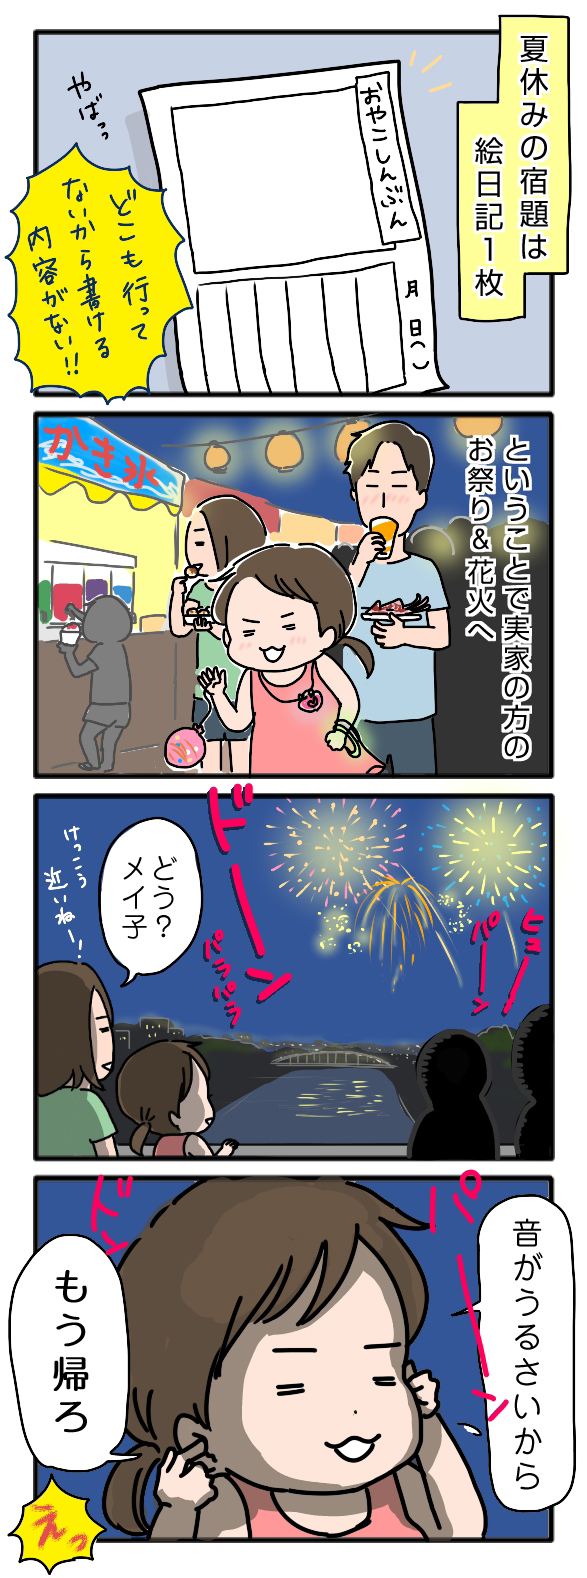 夏休みの思い出づくり!お祭り、花火…喜んでくれると思いきや!? ~姉ちゃんは育児中 年少編12~の画像1